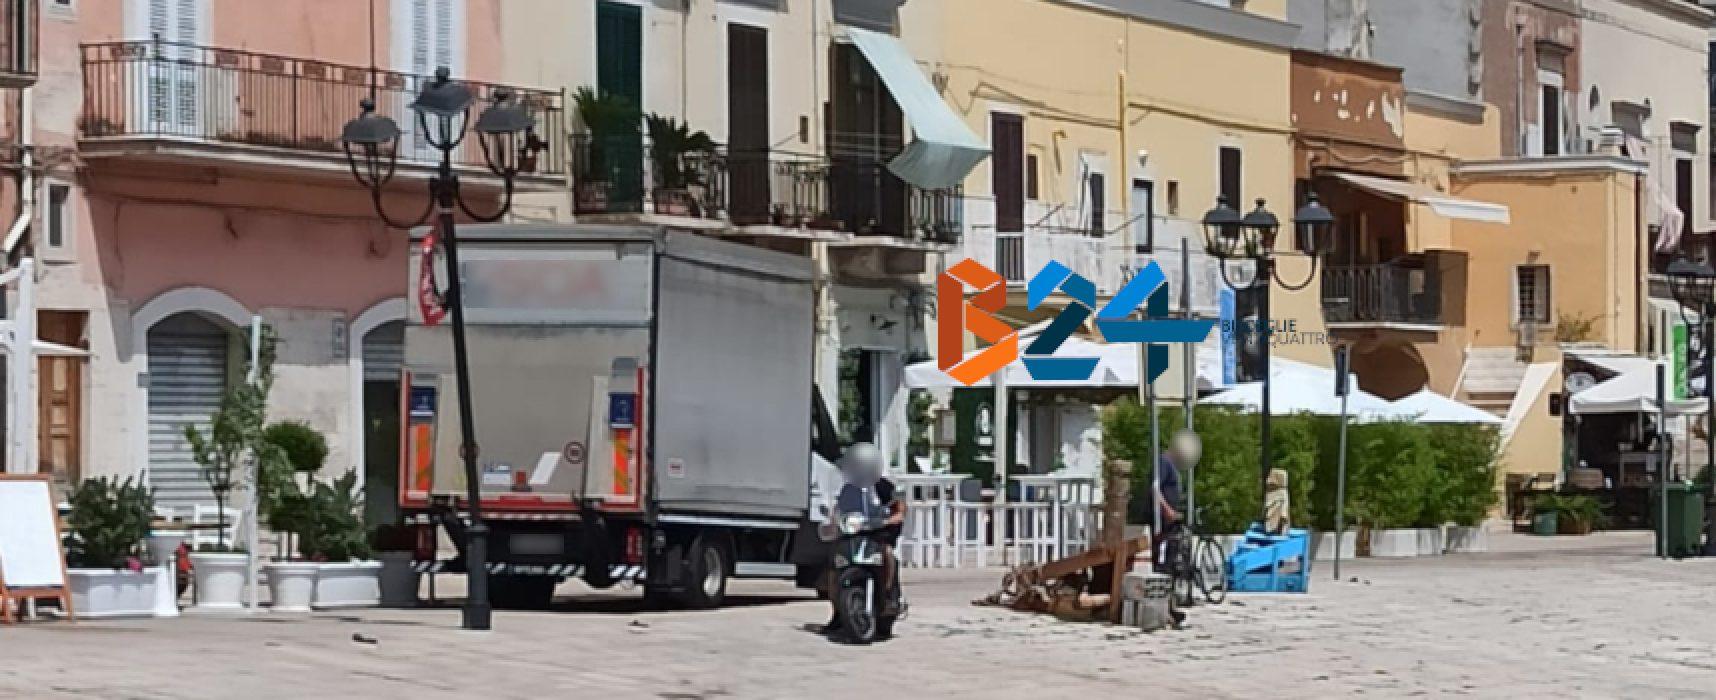 Via La Spiaggia, effettua una retromarcia e inclina palo della pubblica illuminazione